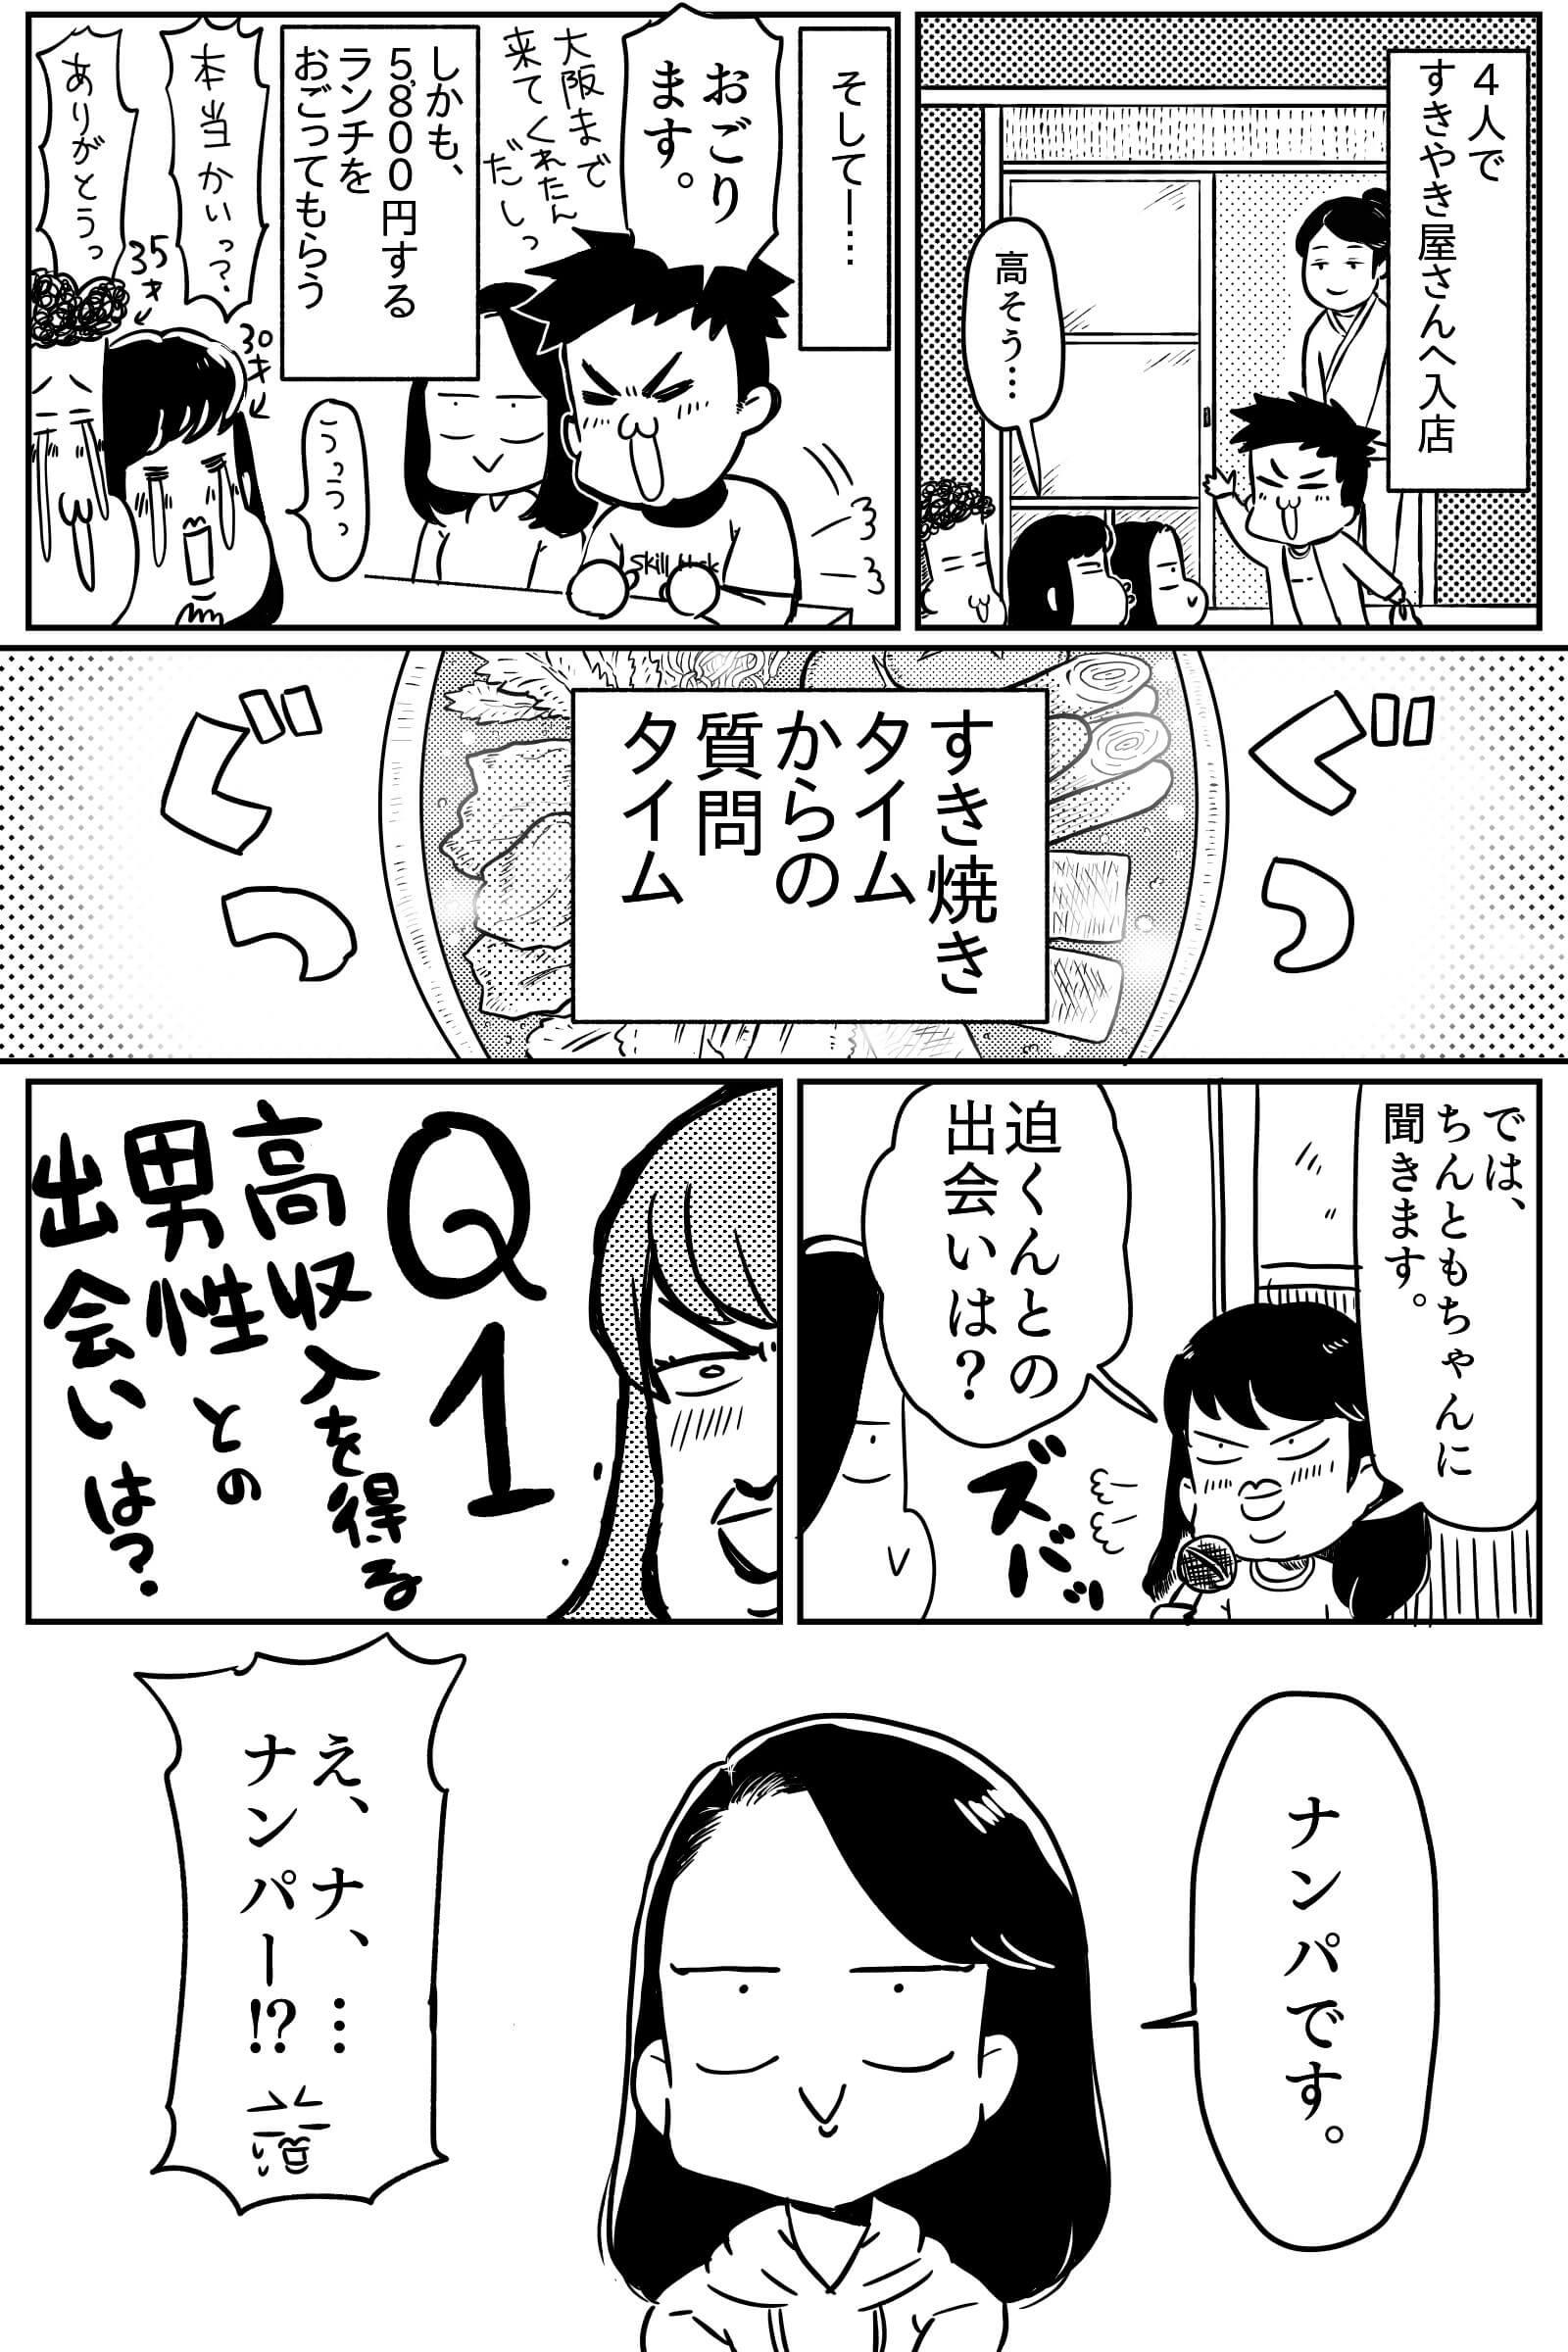 迫君漫画4